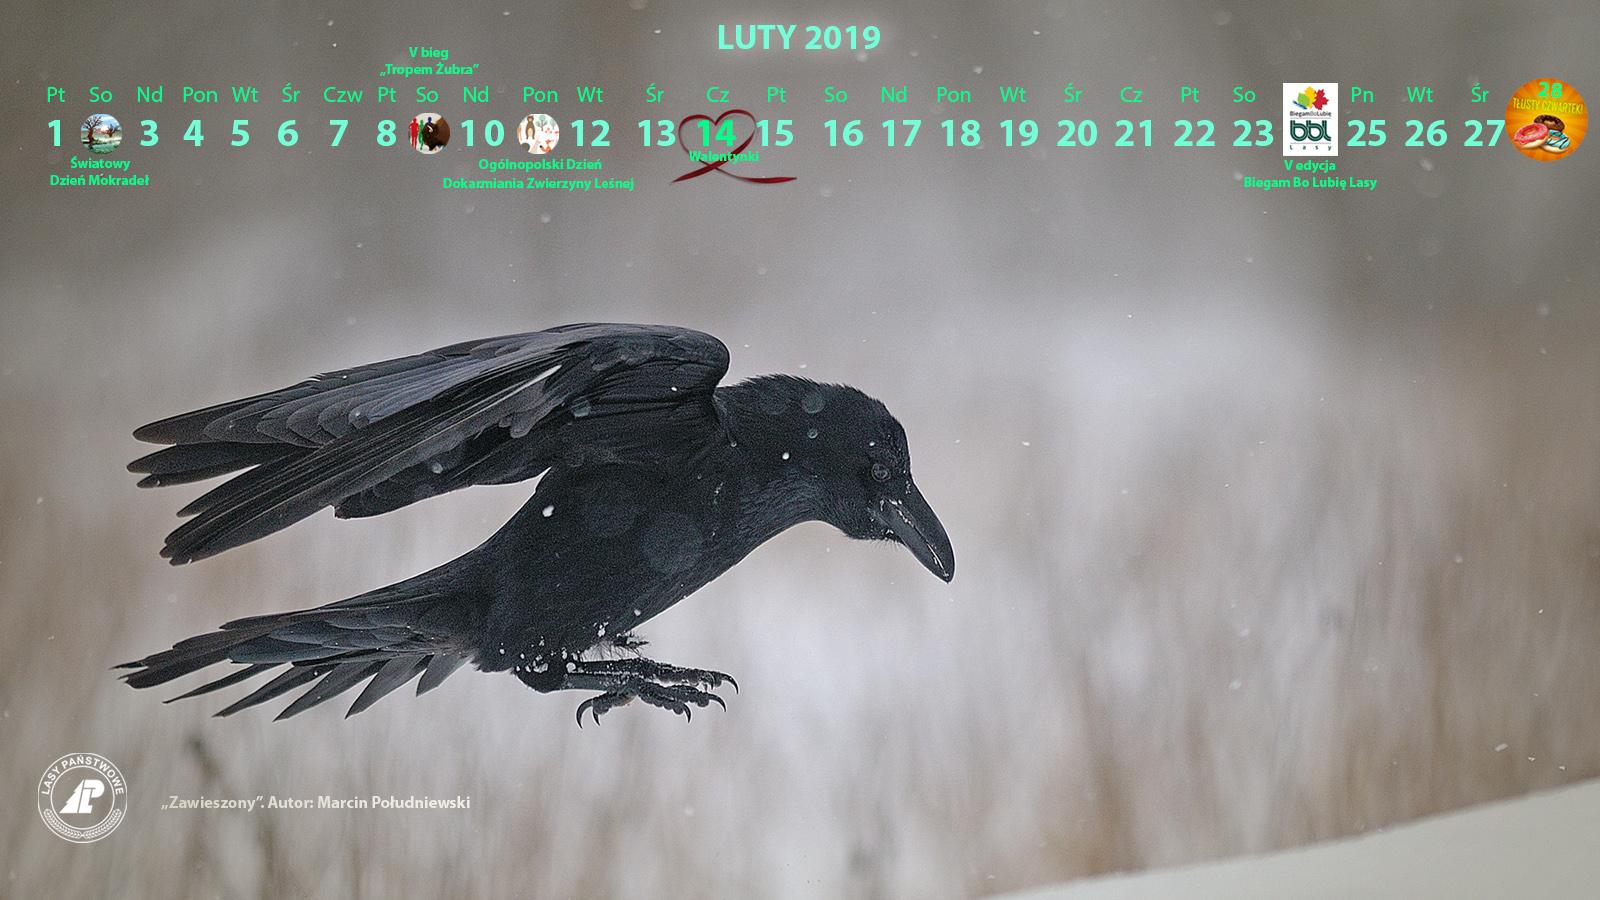 Kalendarz_luty_2019_1600X900_2[1].jpg